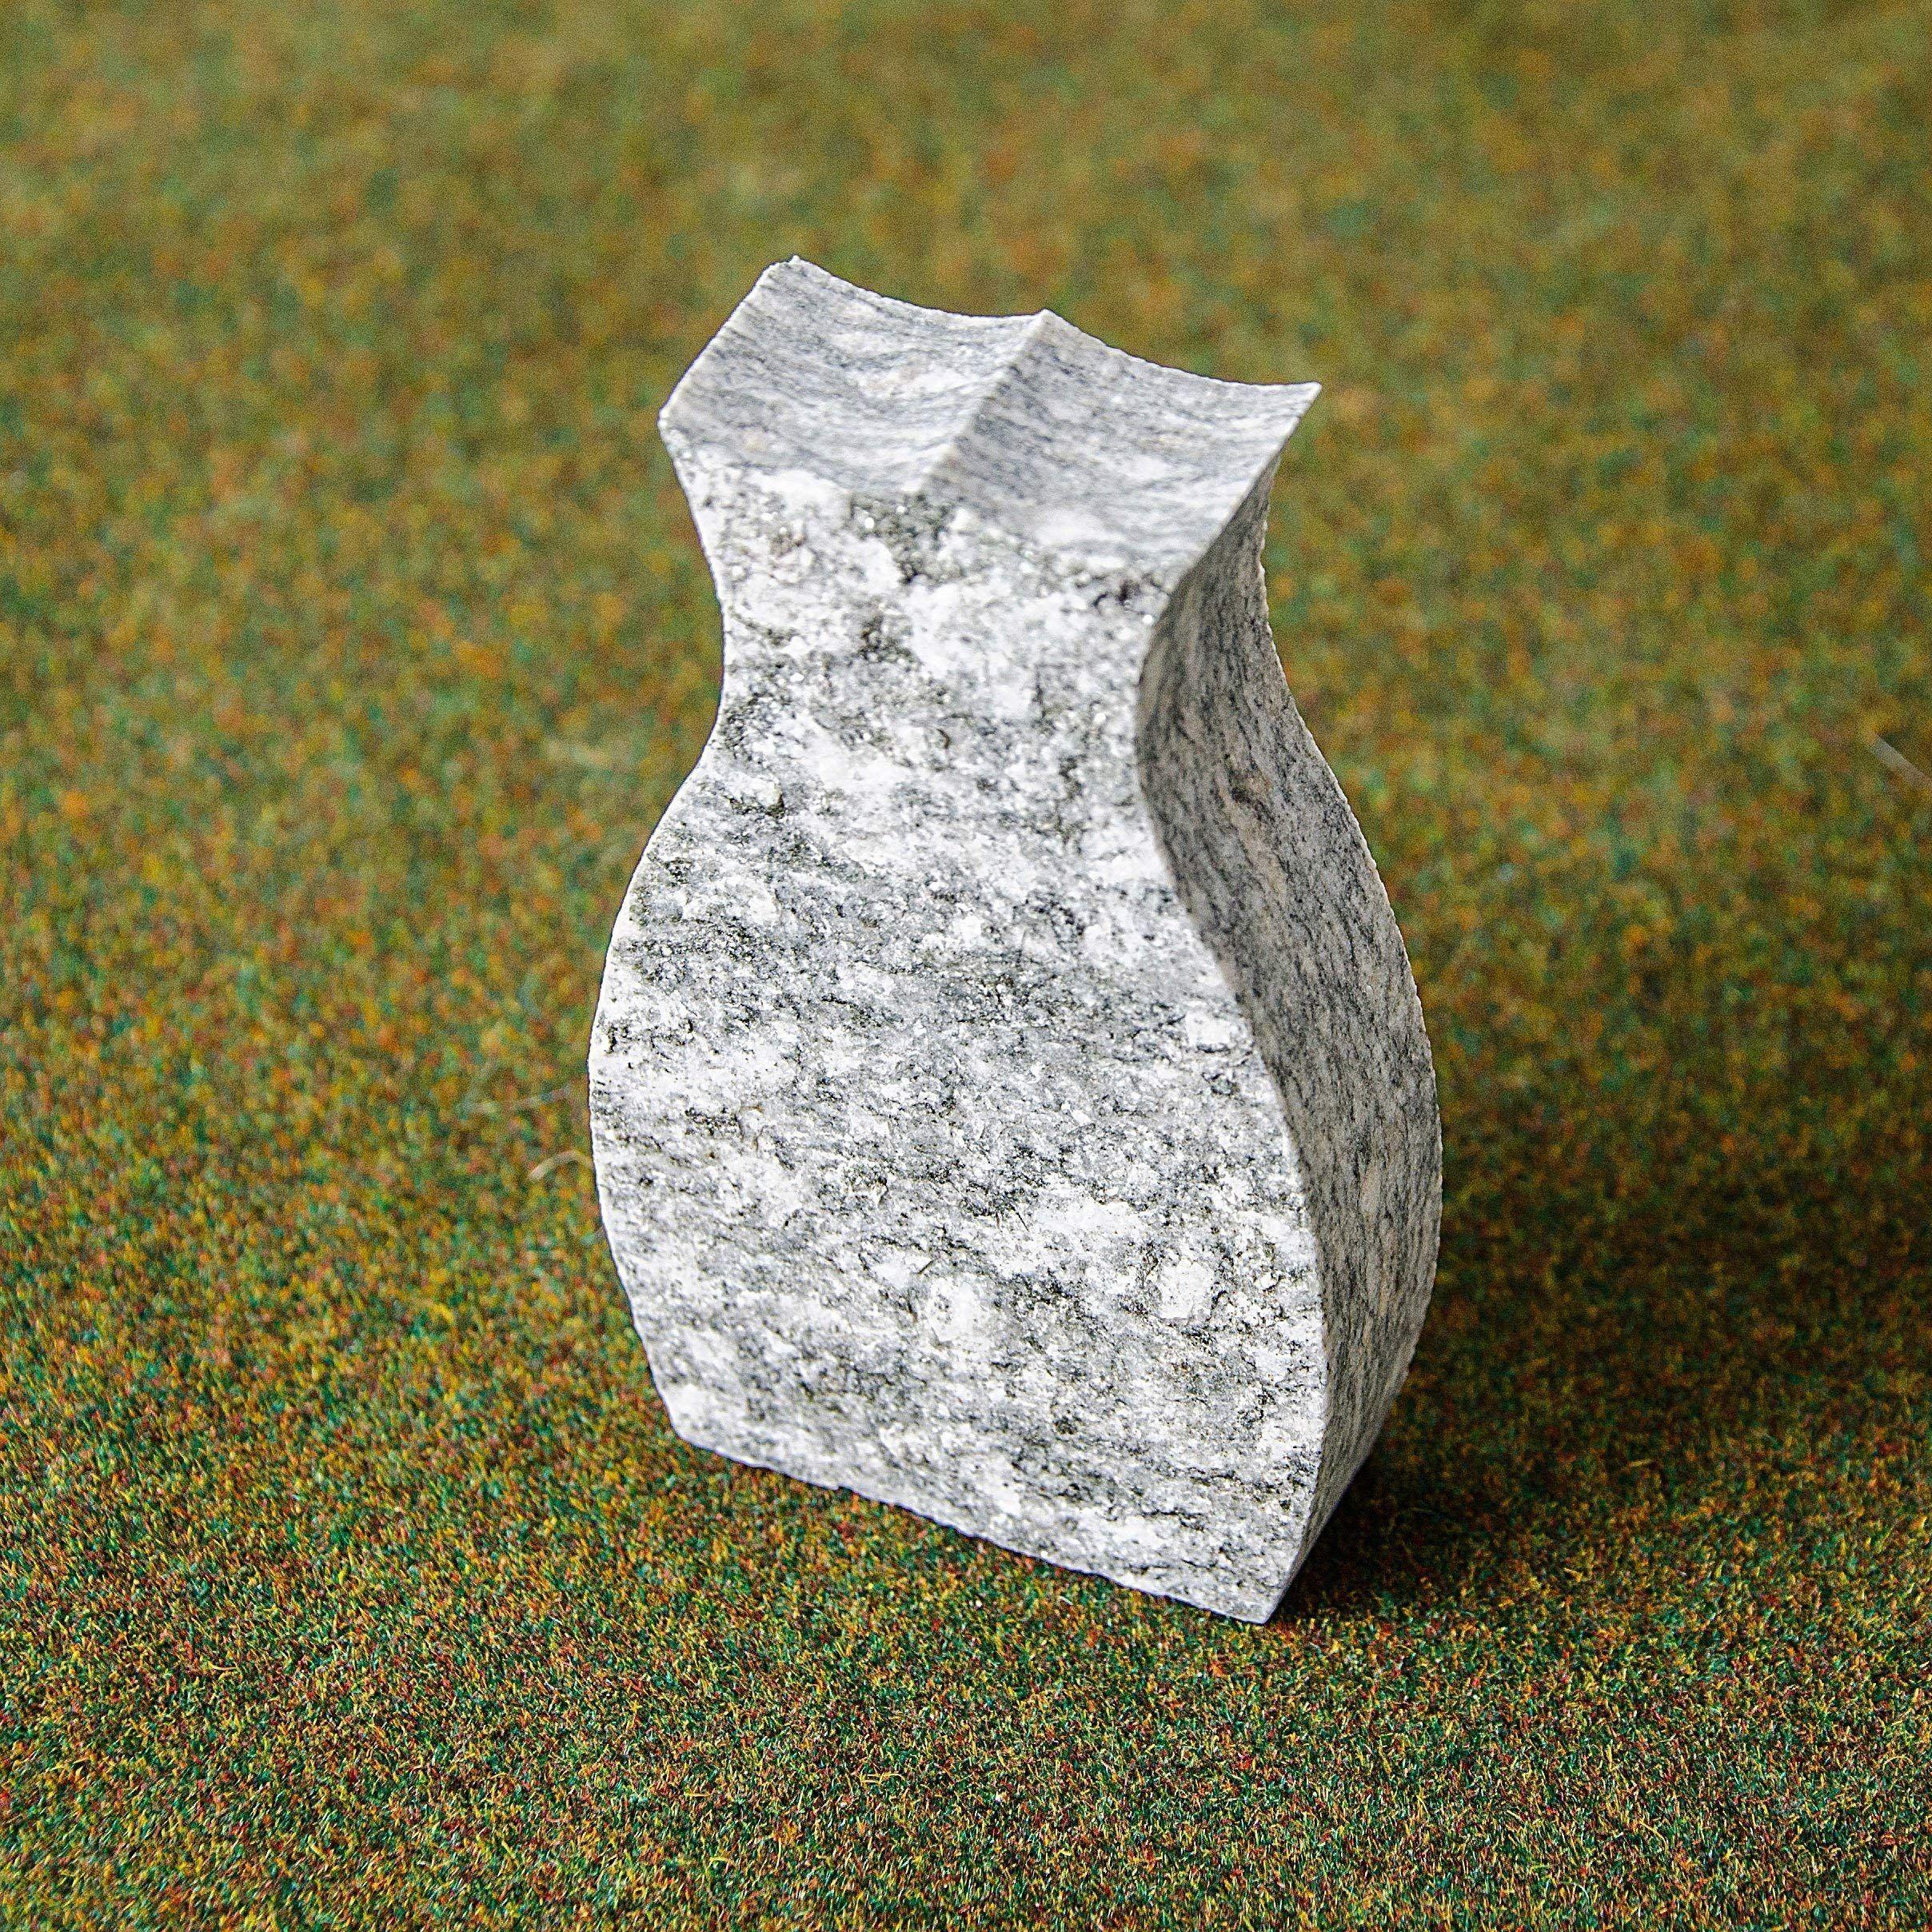 My Cube disponibile in vari colori TESSUTI e misure. Pouf Cubo Poggiapiedi Sfoderabile e Poliuretano Alta Densit/à